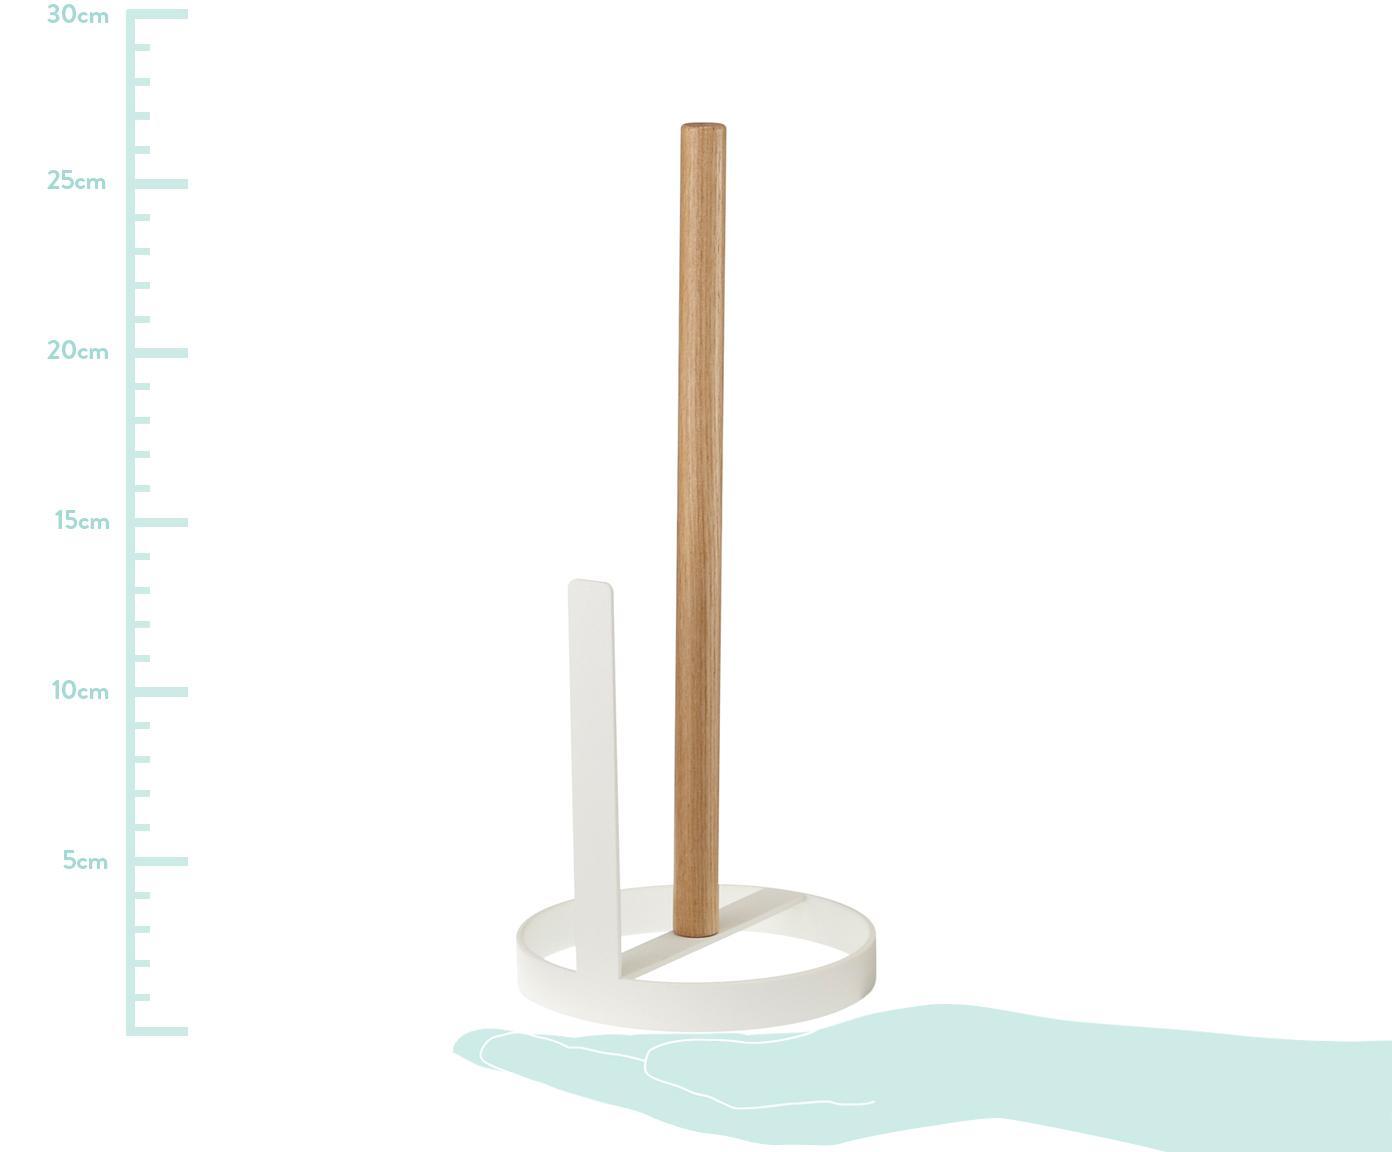 Stojak na ręczniki papierowe  Tosca, Noga: stal, powlekany, Biały, drewno naturalne, Ø 11 x W 31 cm